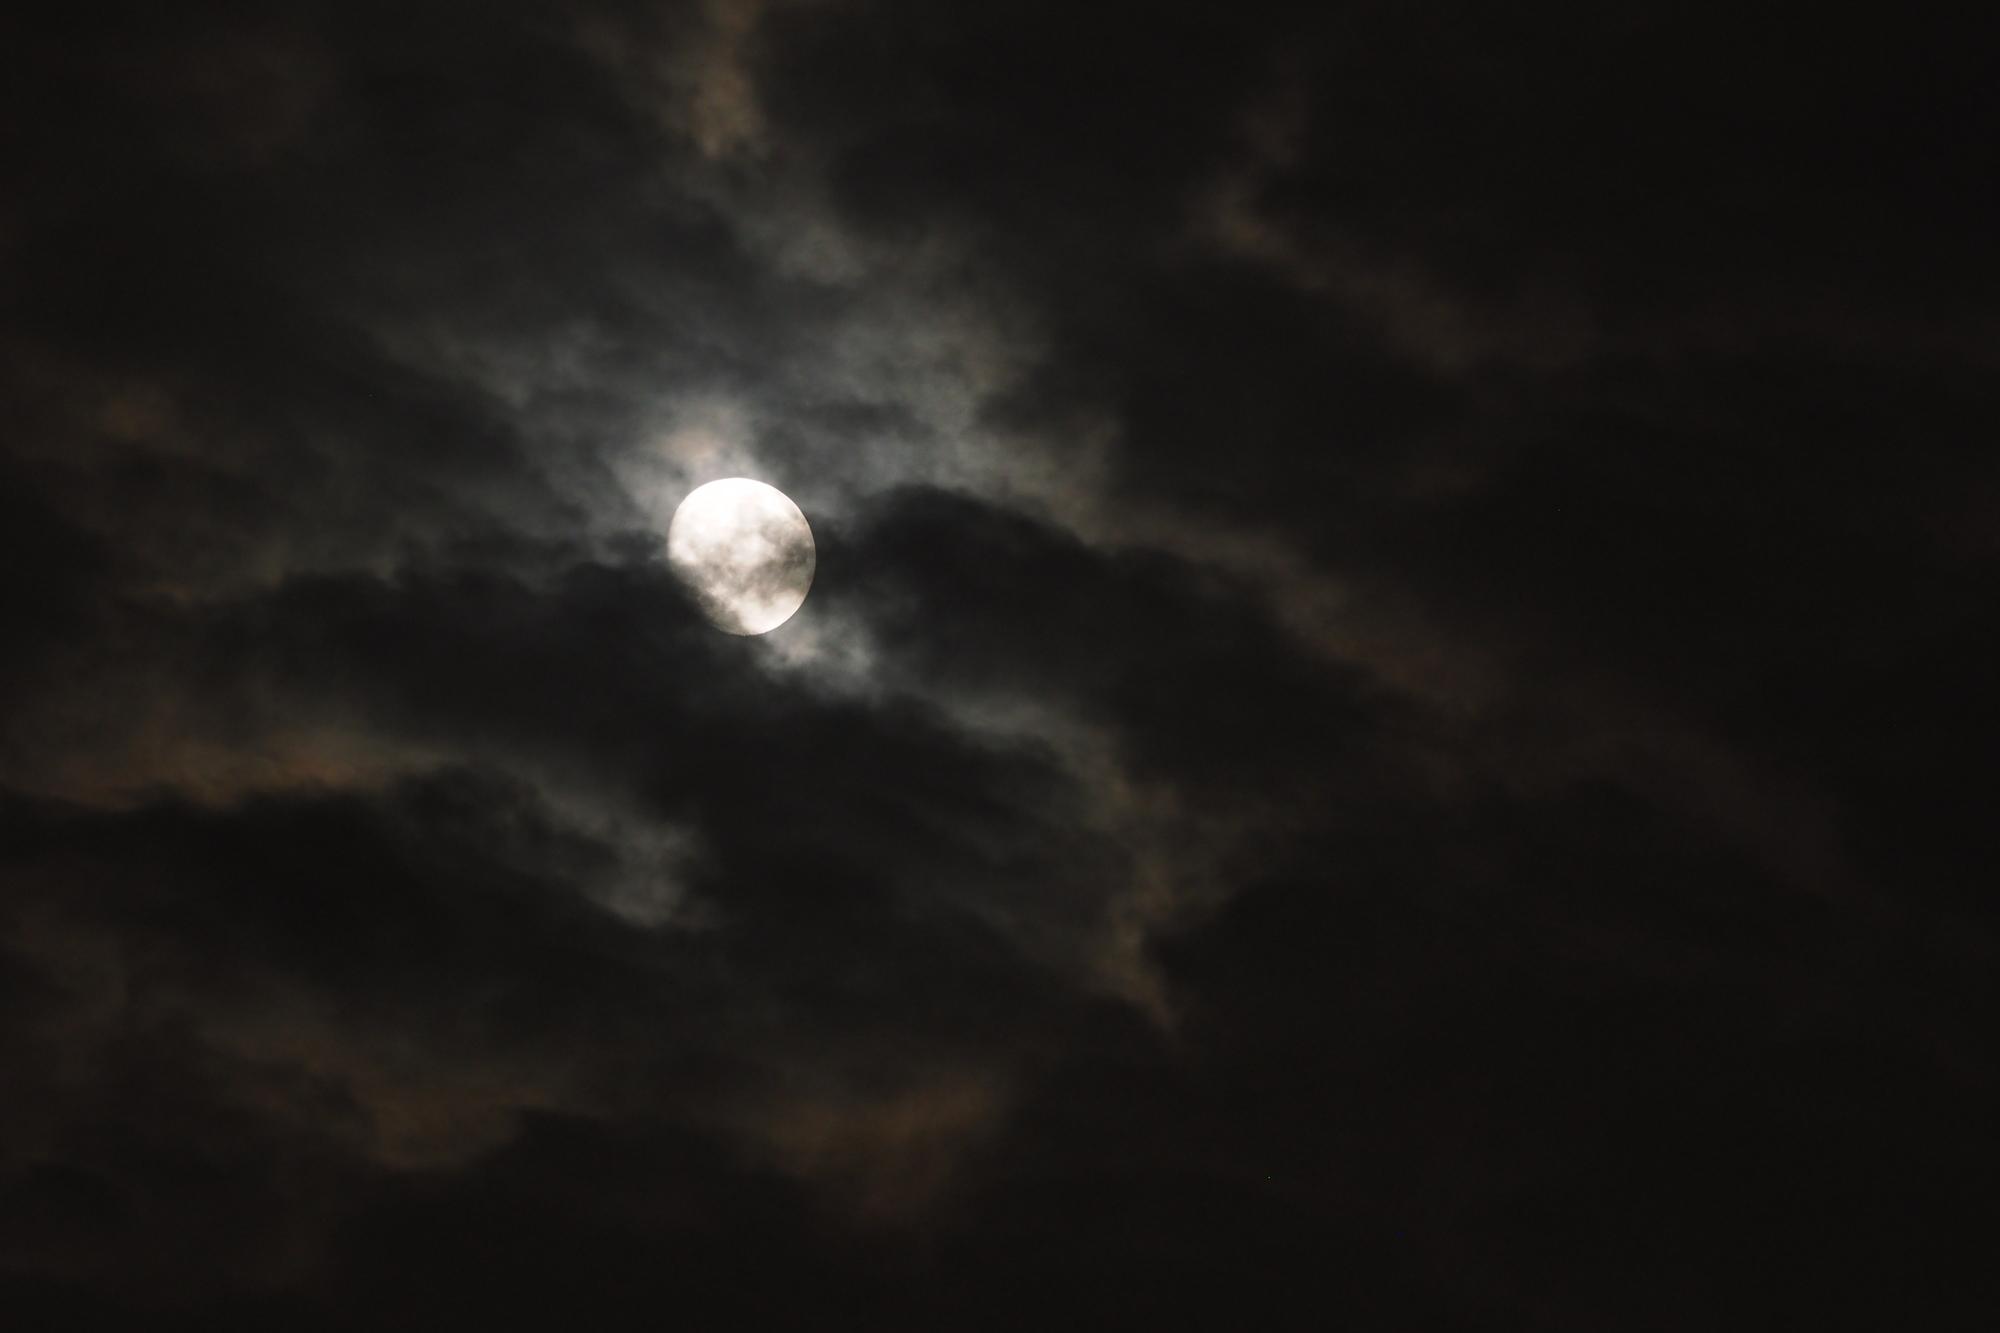 雲の隙間から見えるお月さま